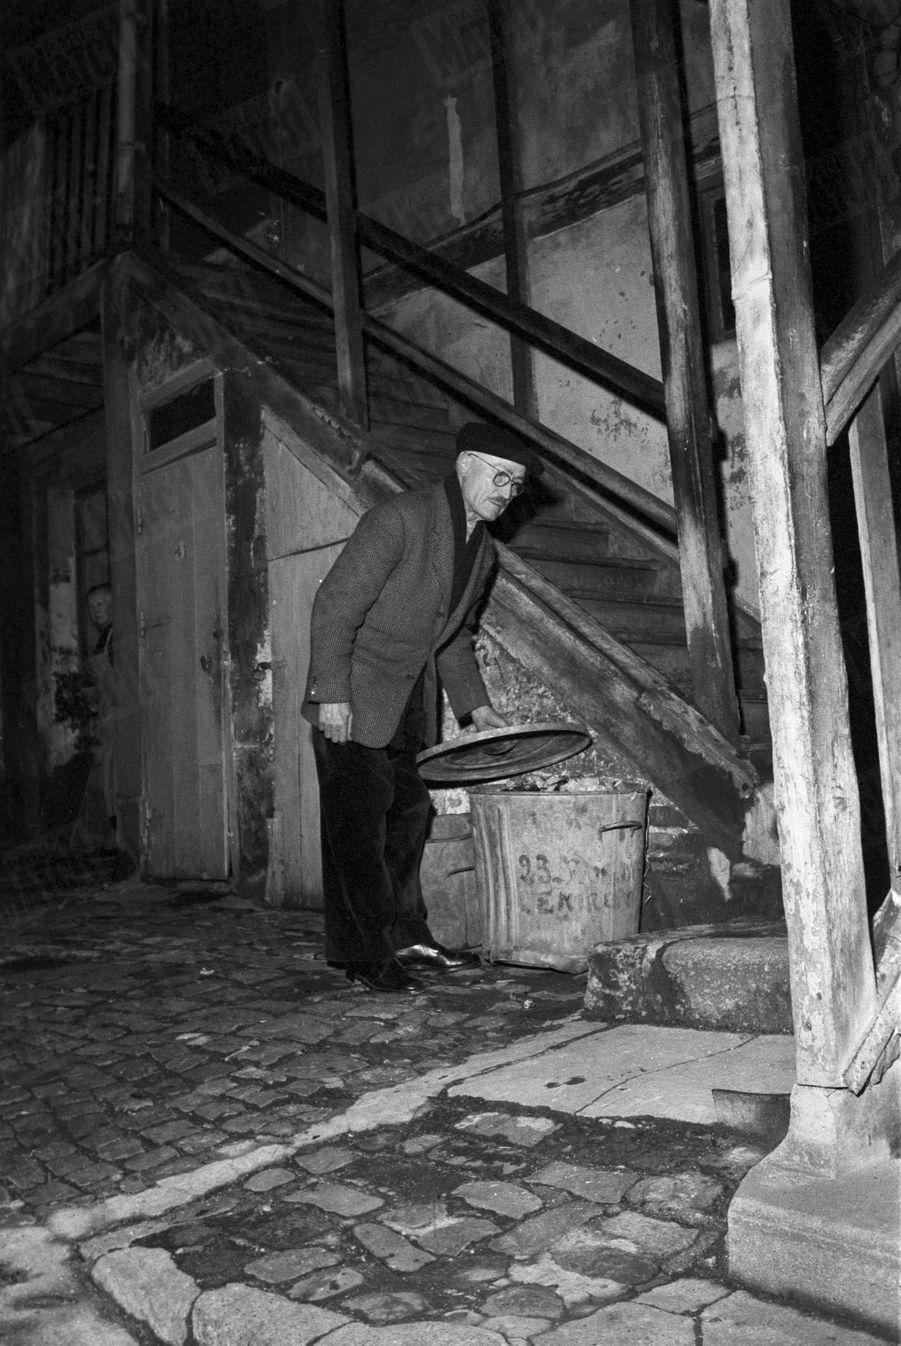 « Pépère », le chiffonnier de Saint Ouen qui avait retrouvé dans une poubelle le bébé adopté parJoséphine Bakeren décembre 1959.